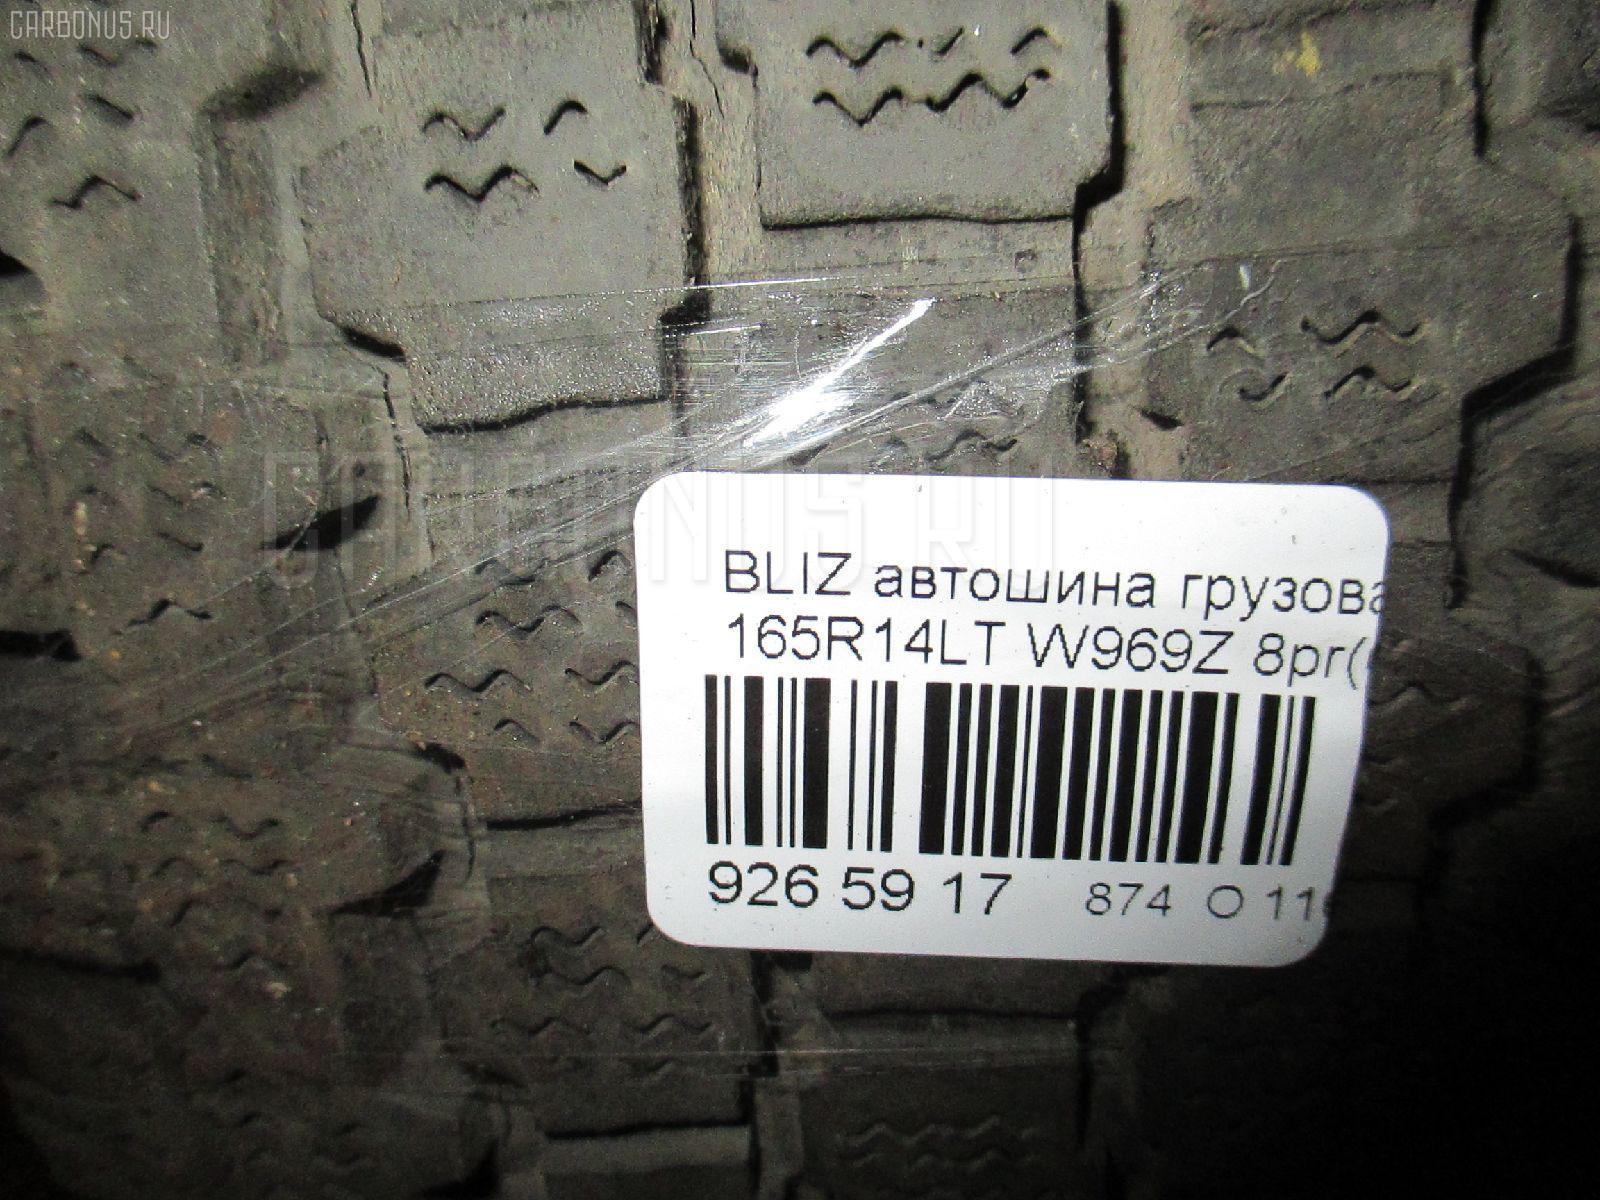 Автошина грузовая зимняя BLIZZAK REVO W969 165R14LT BRIDGESTONE W969Z Фото 4